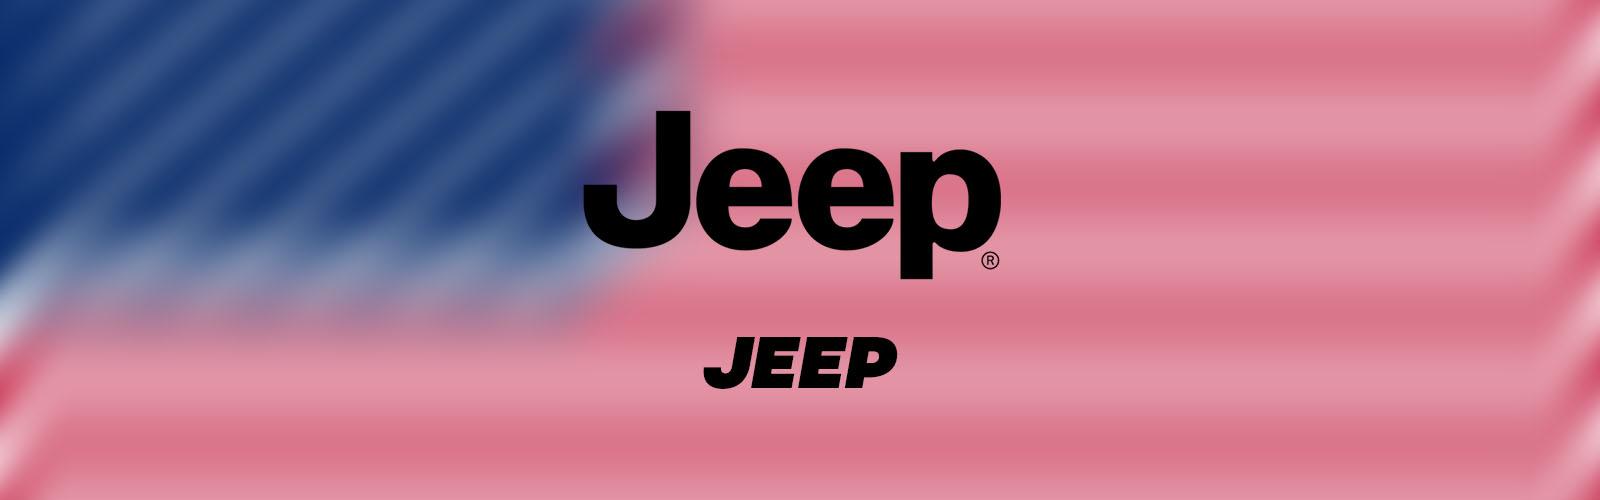 Jeep logo marque